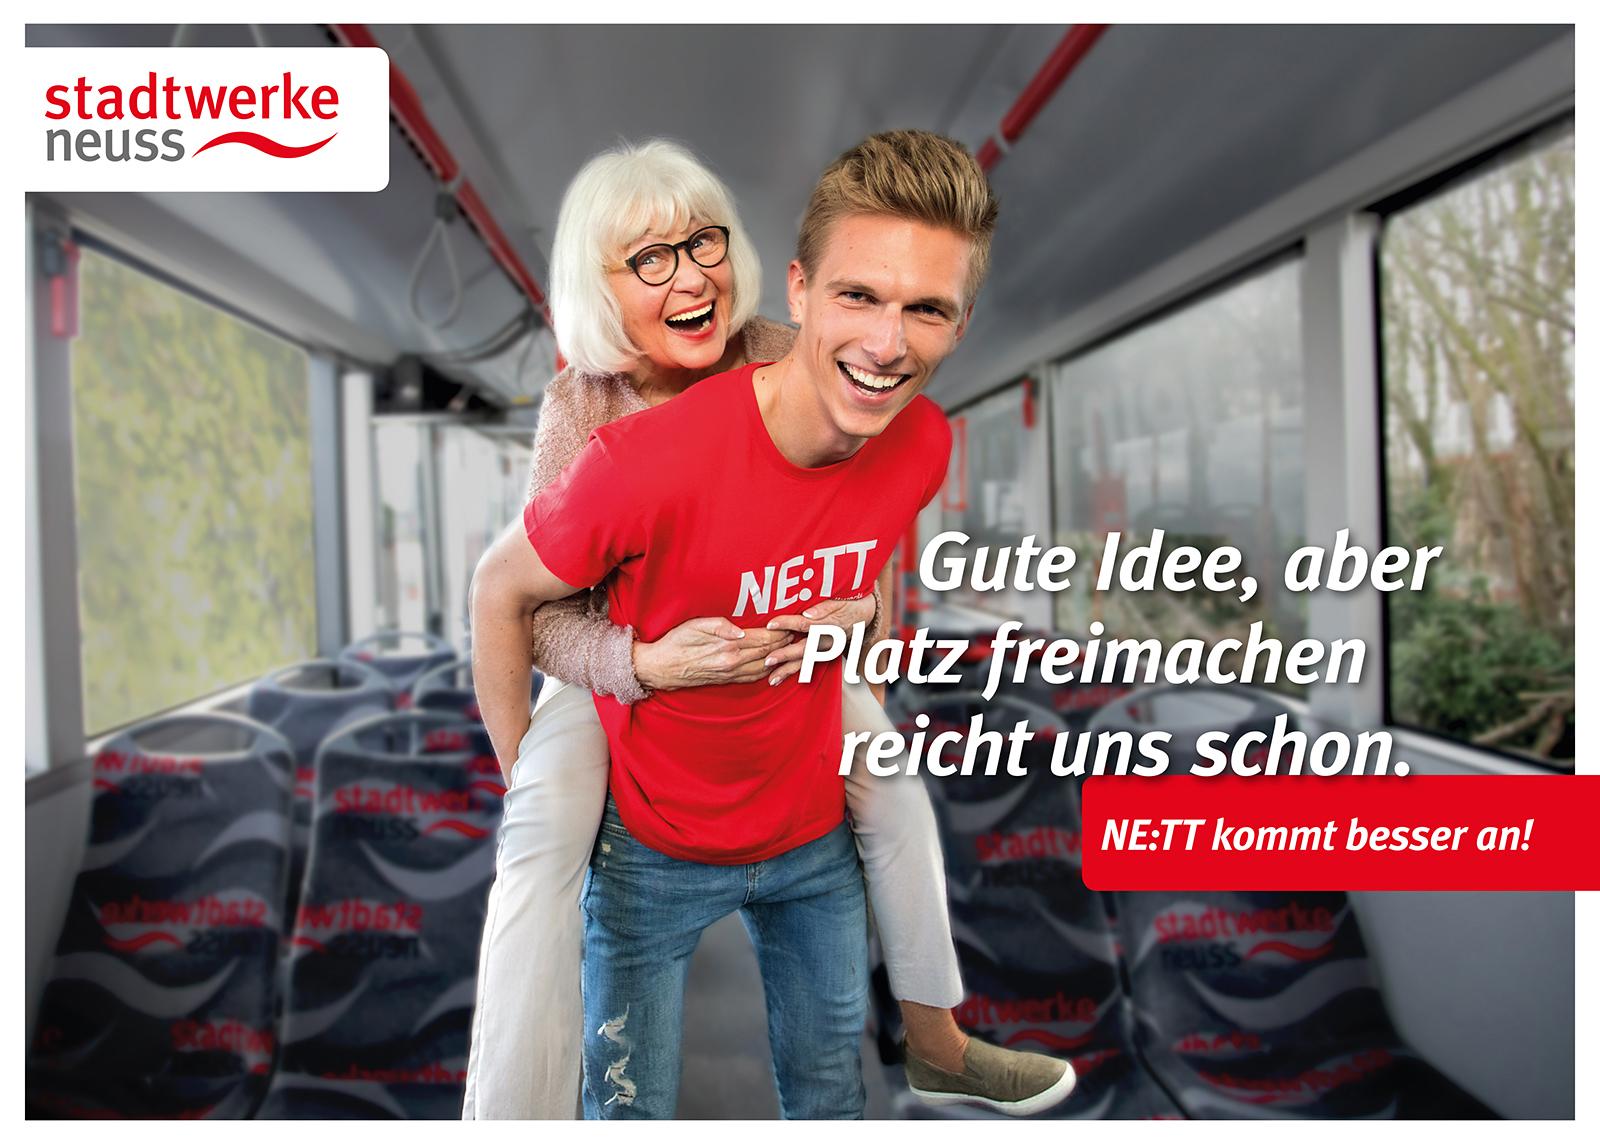 02 SWNE Kampagne Stadtwerke Neuss Werbung - Werbefotograf im Nahverkehr